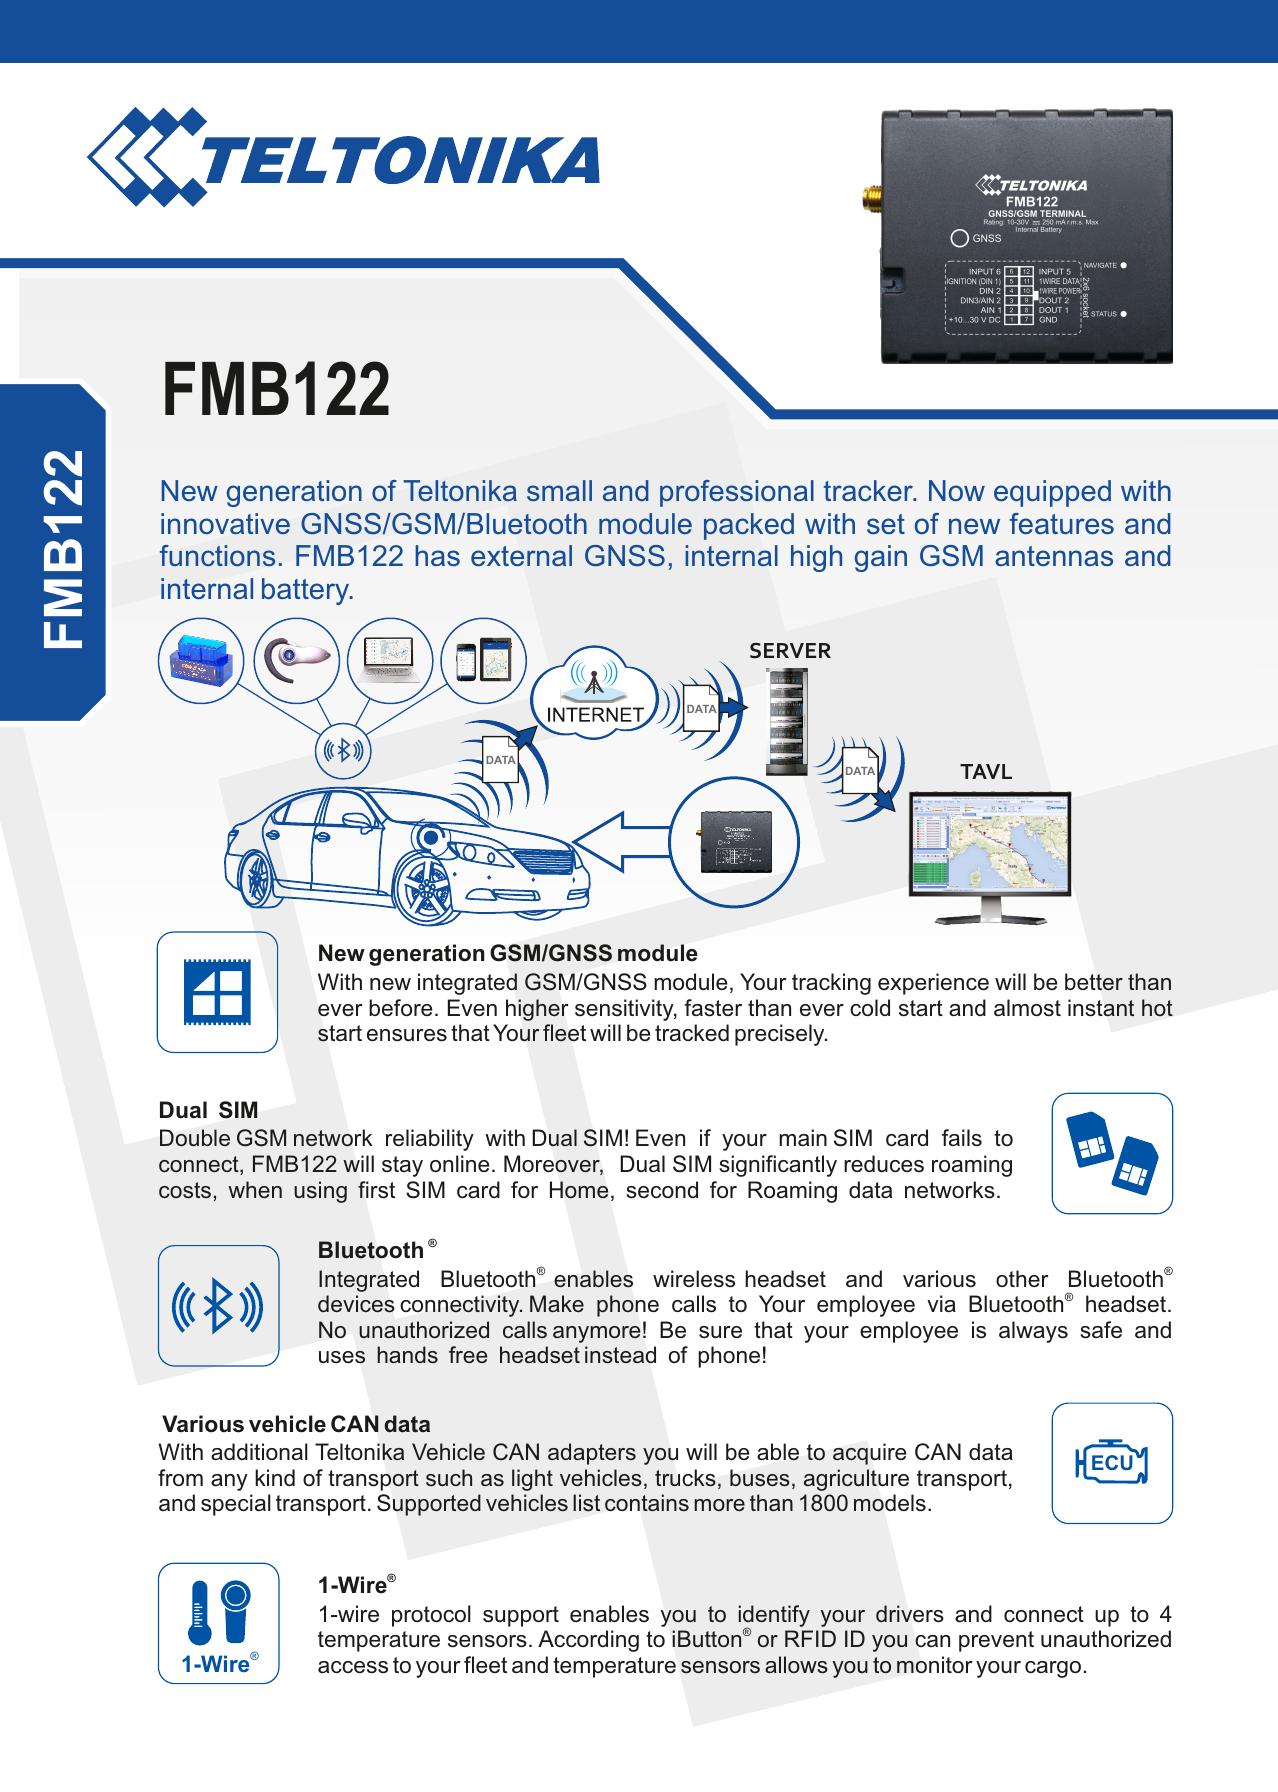 FMB122 - Teltonika | manualzz com